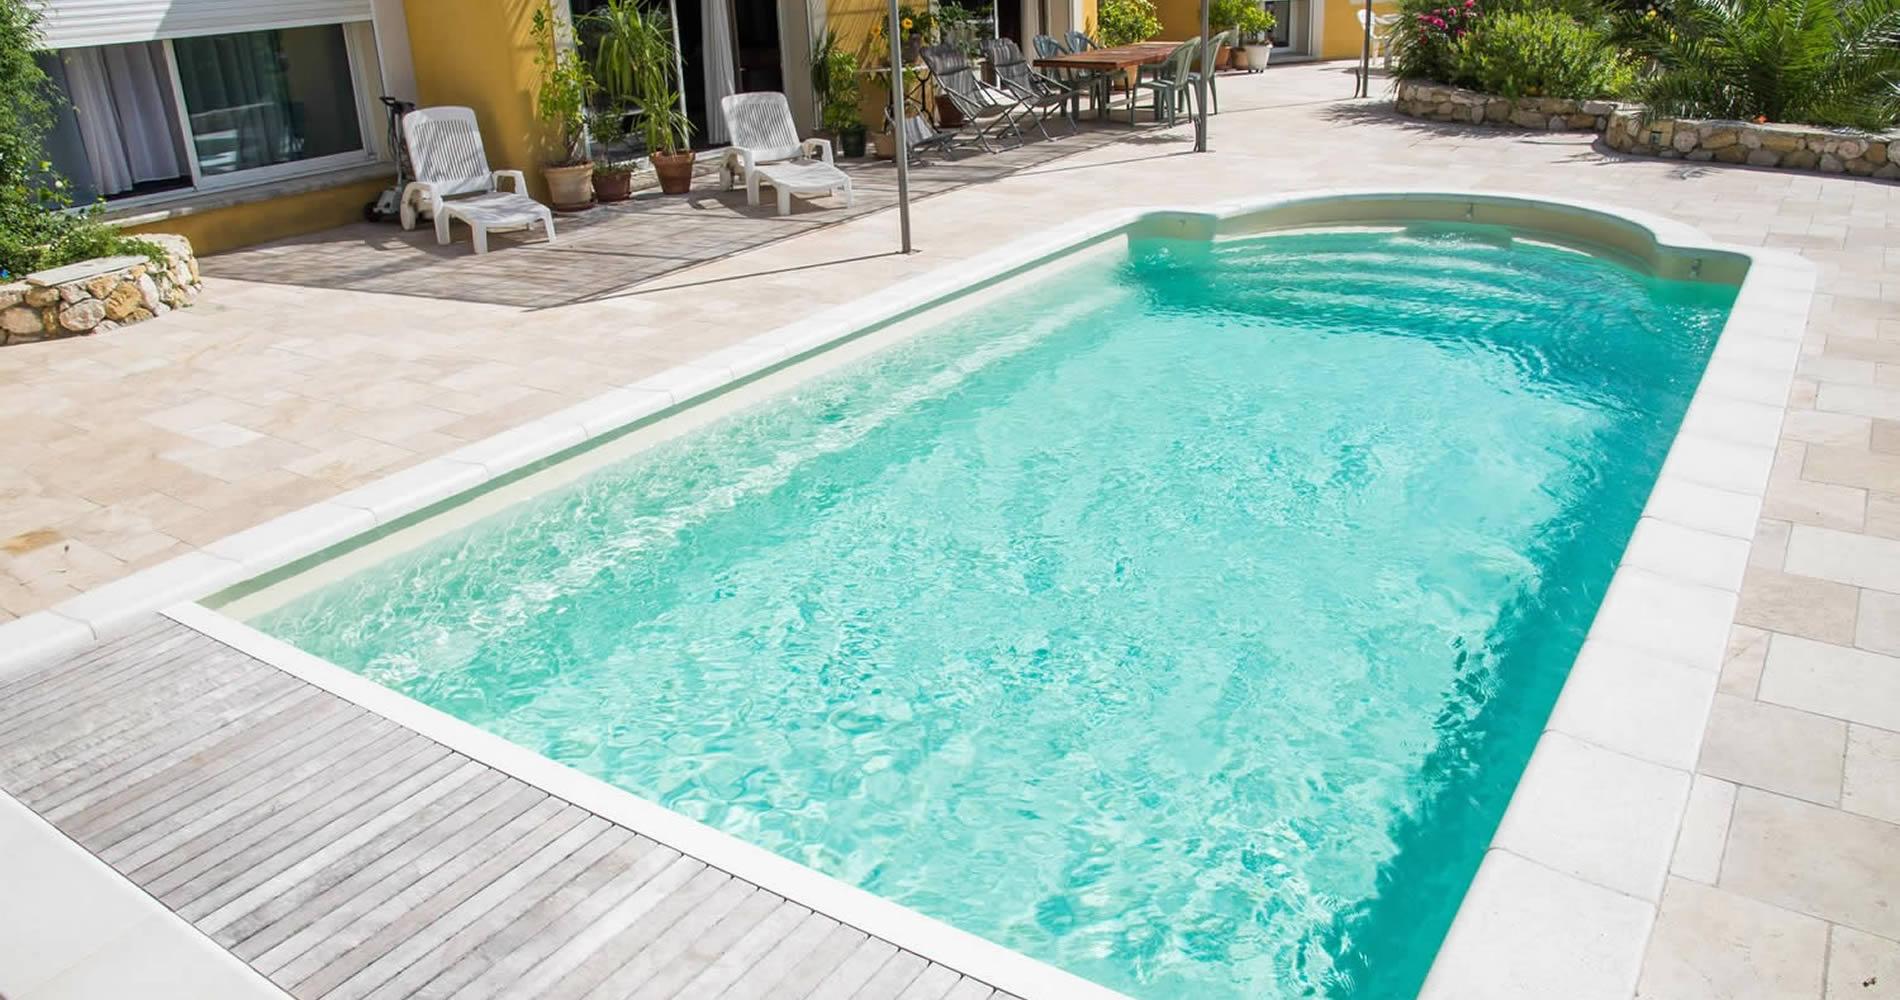 Vente de piscine et spa montbrison en loire 42 loire for Vente de piscine